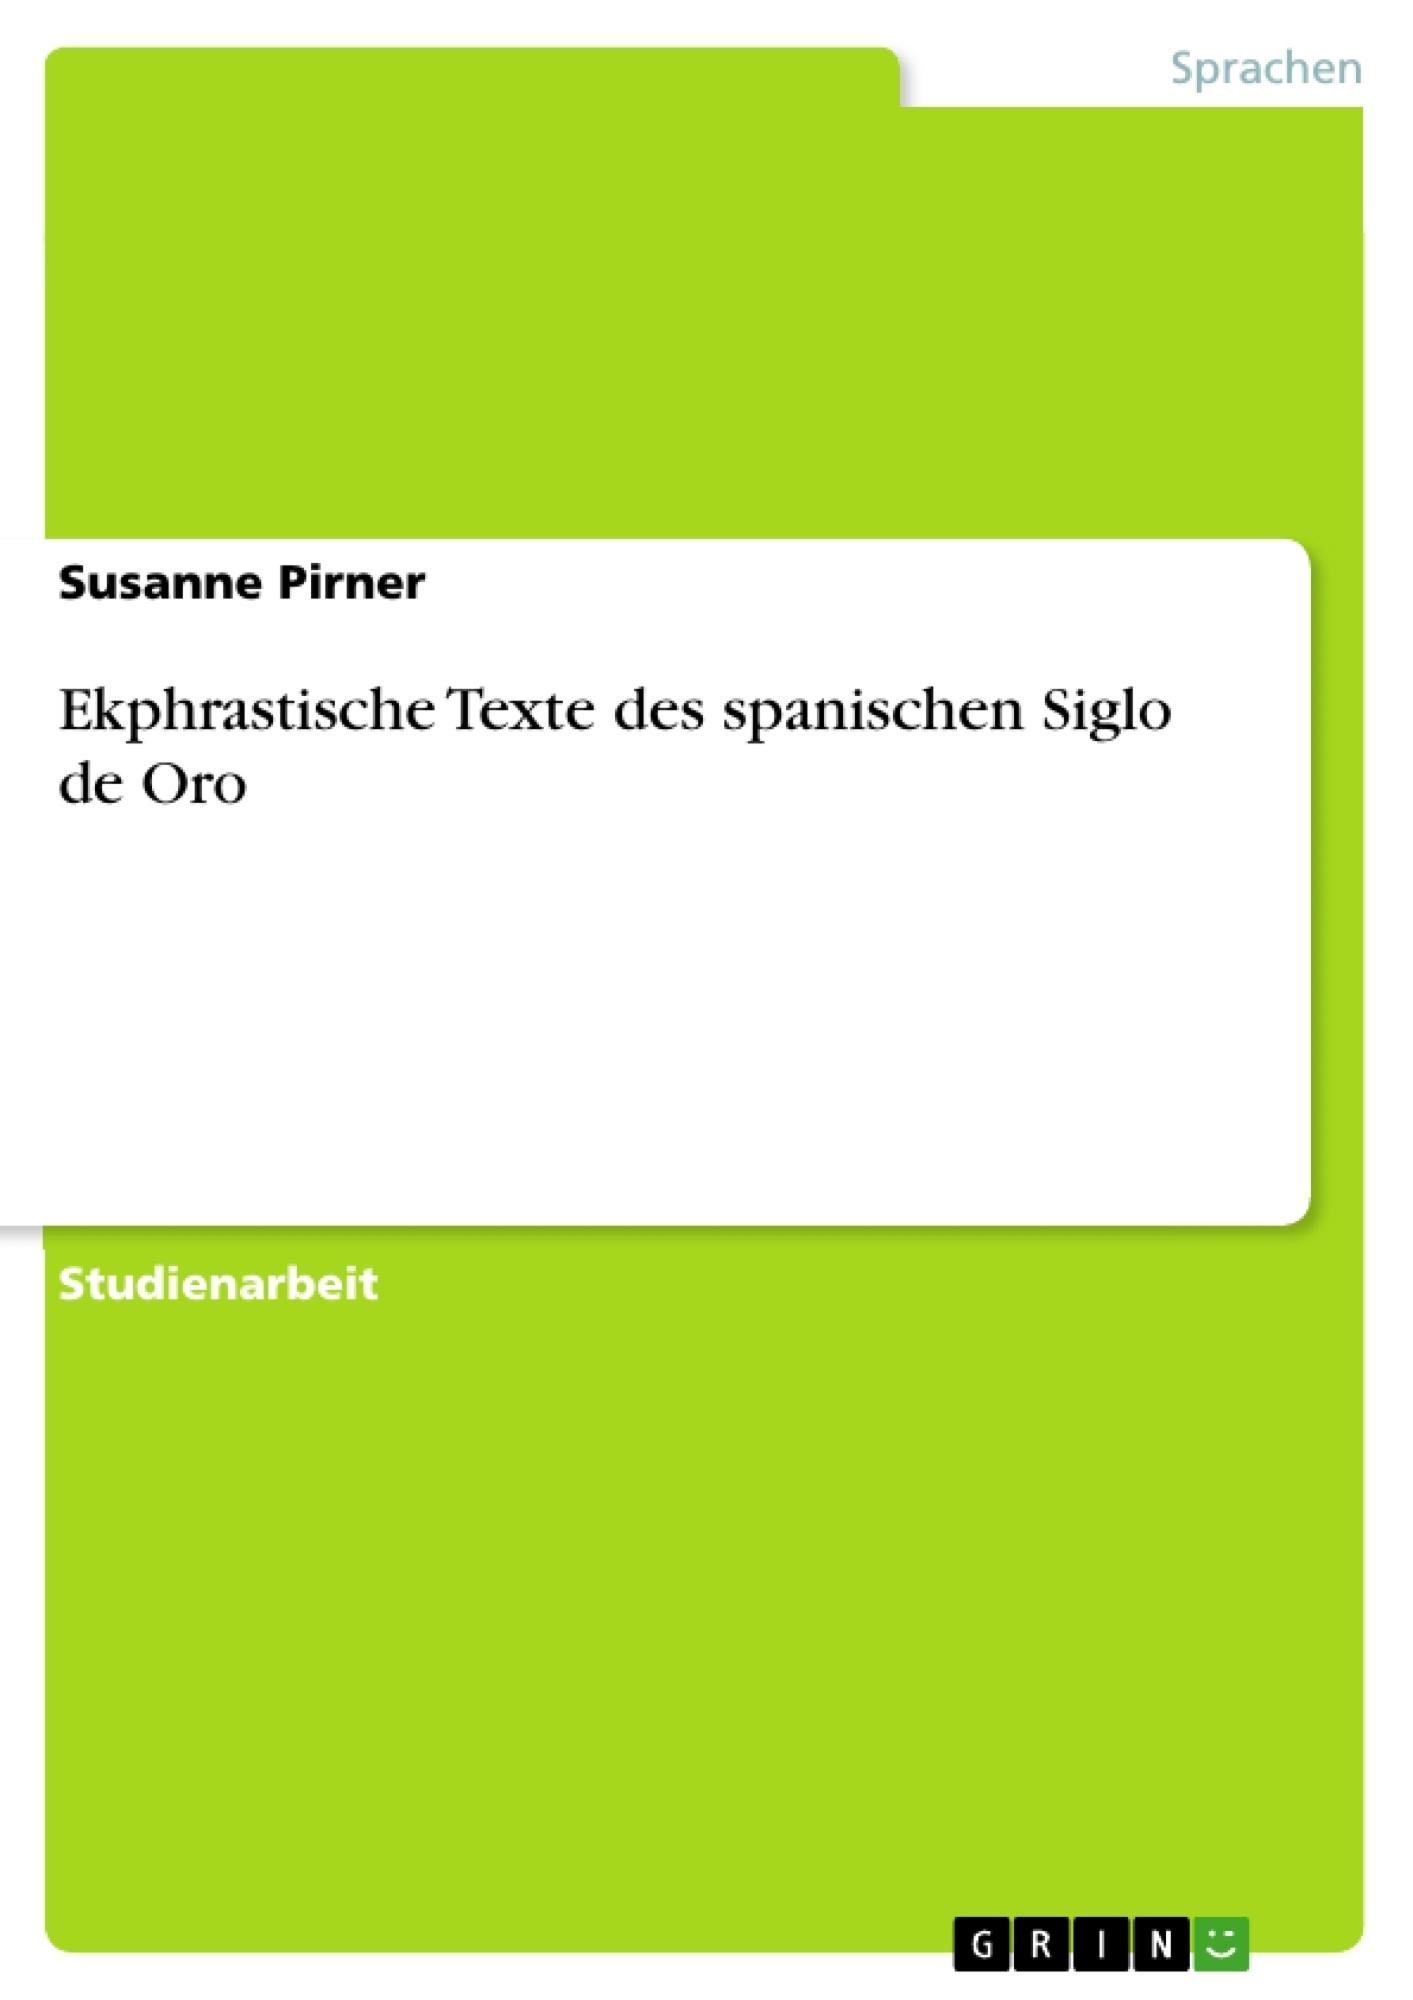 Titel: Ekphrastische Texte des spanischen Siglo de Oro